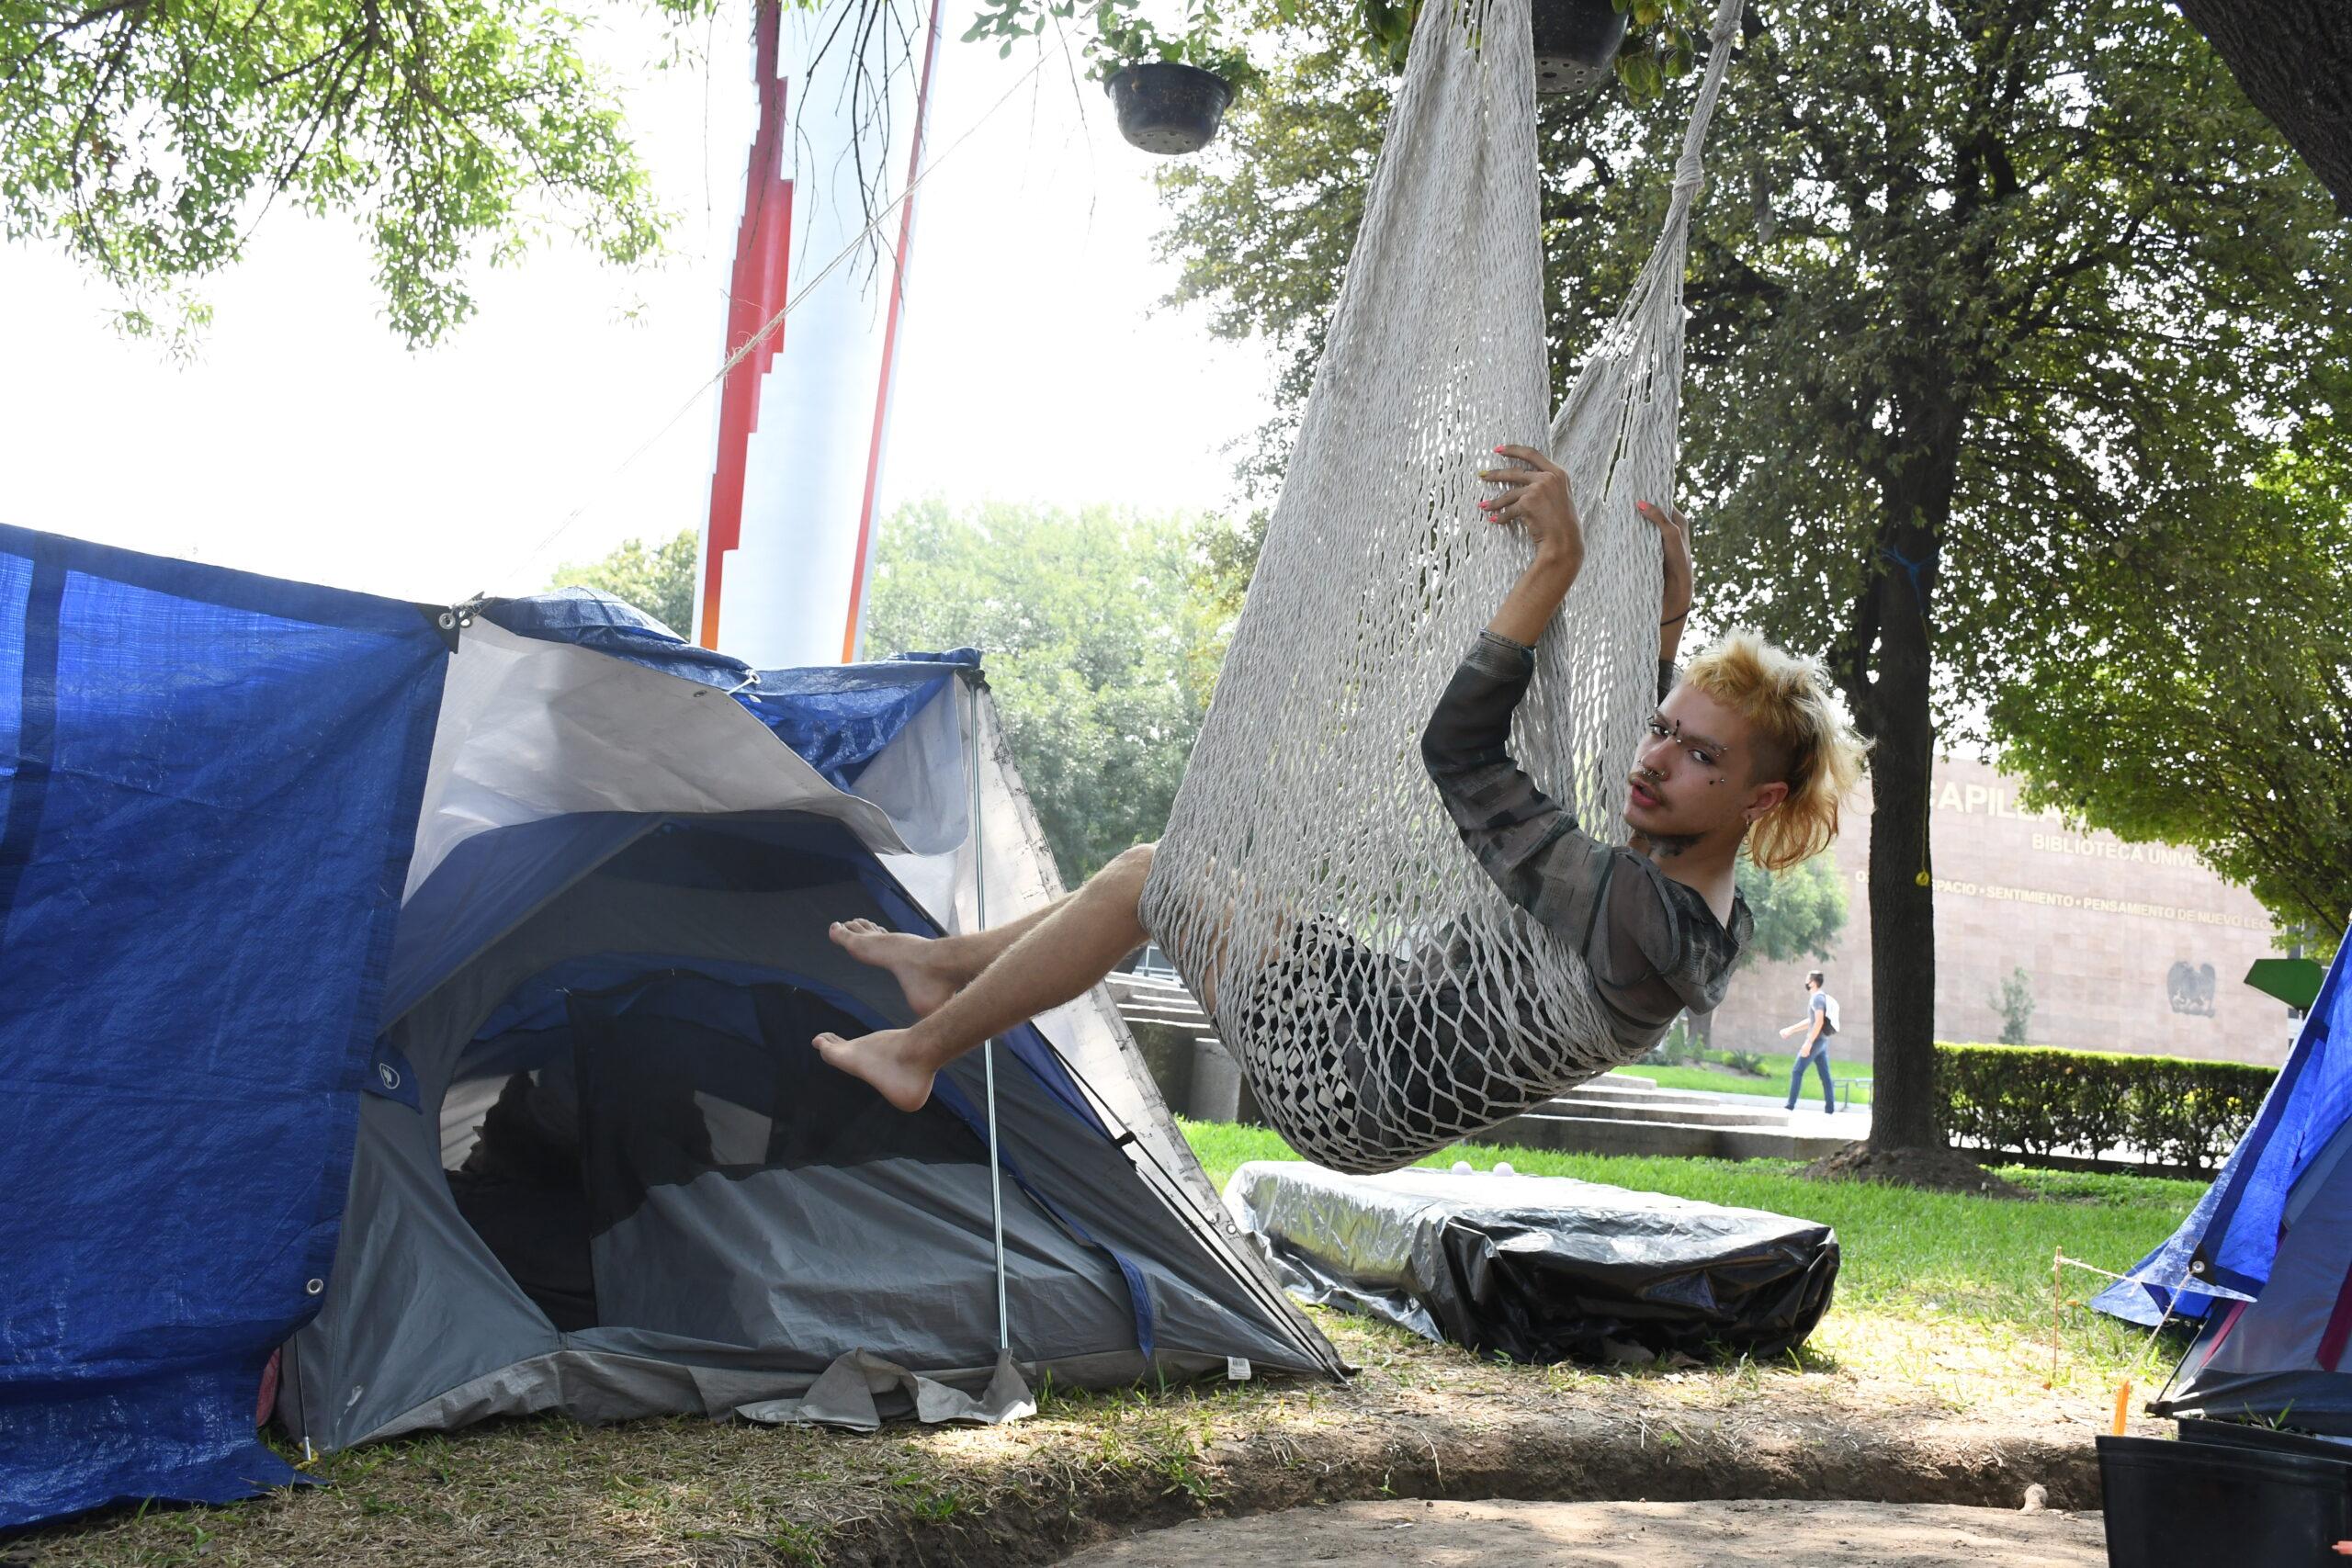 Georgina Agustina se balancea sobre una hamaca, al frente de una casa de campaña azul con blanco. Se ve a Georgina con el cabello medianamente largo, camisa gris, descalce, y con varios piercings en la cara.